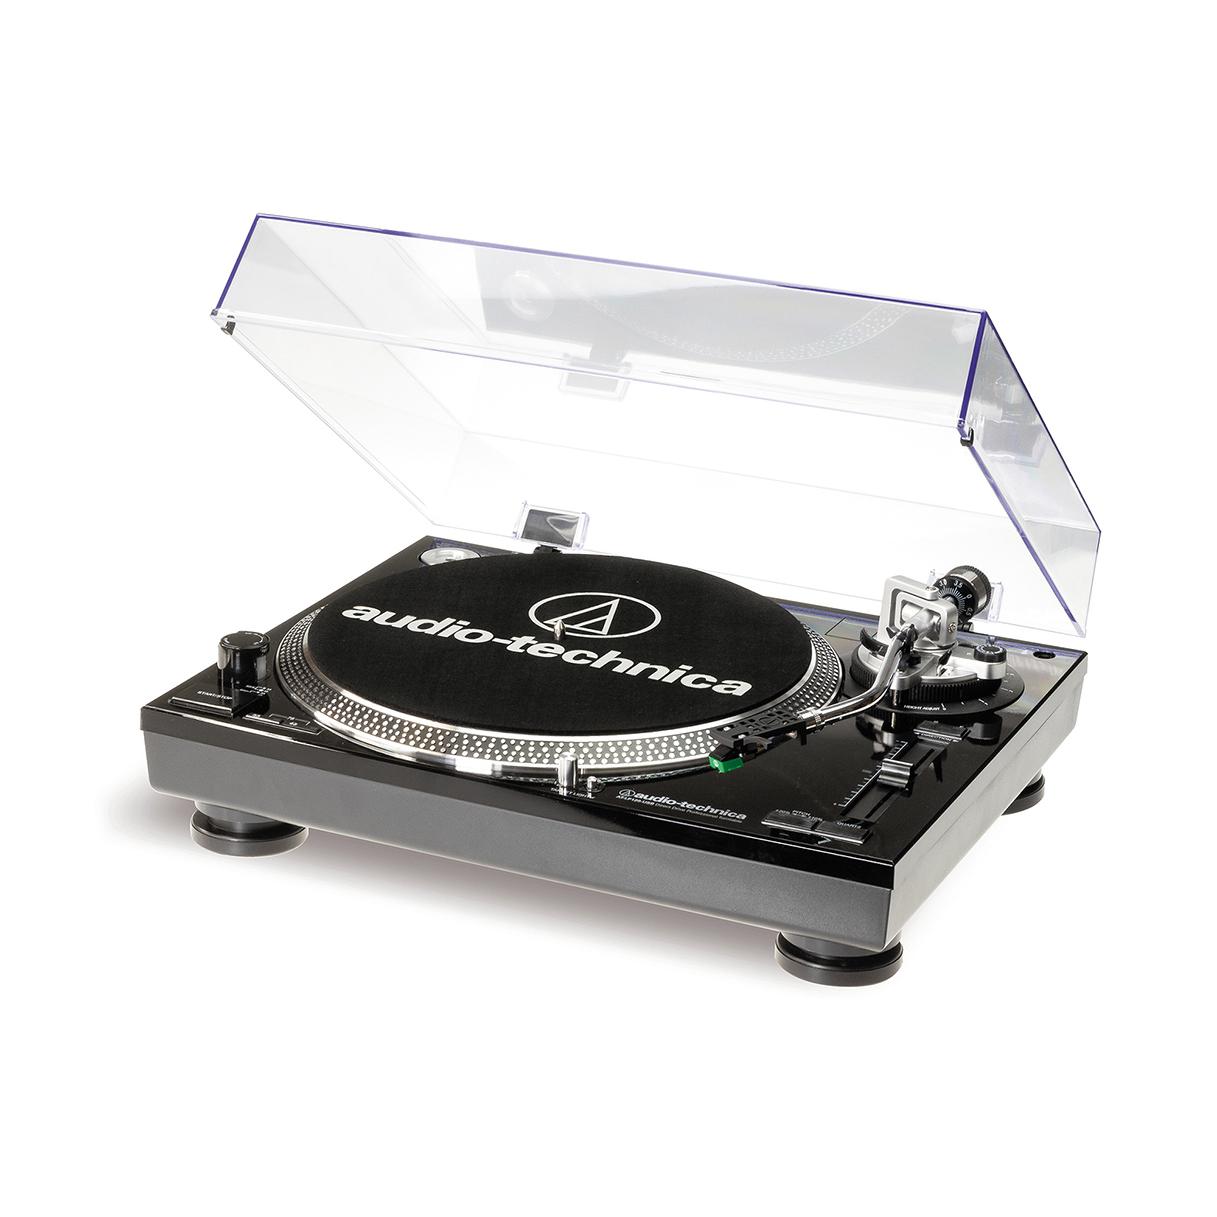 Купить виниловый проигрыватель audio-technica at-lp120-usb hc black по цене от 28890 руб., характеристики, фото, доставка